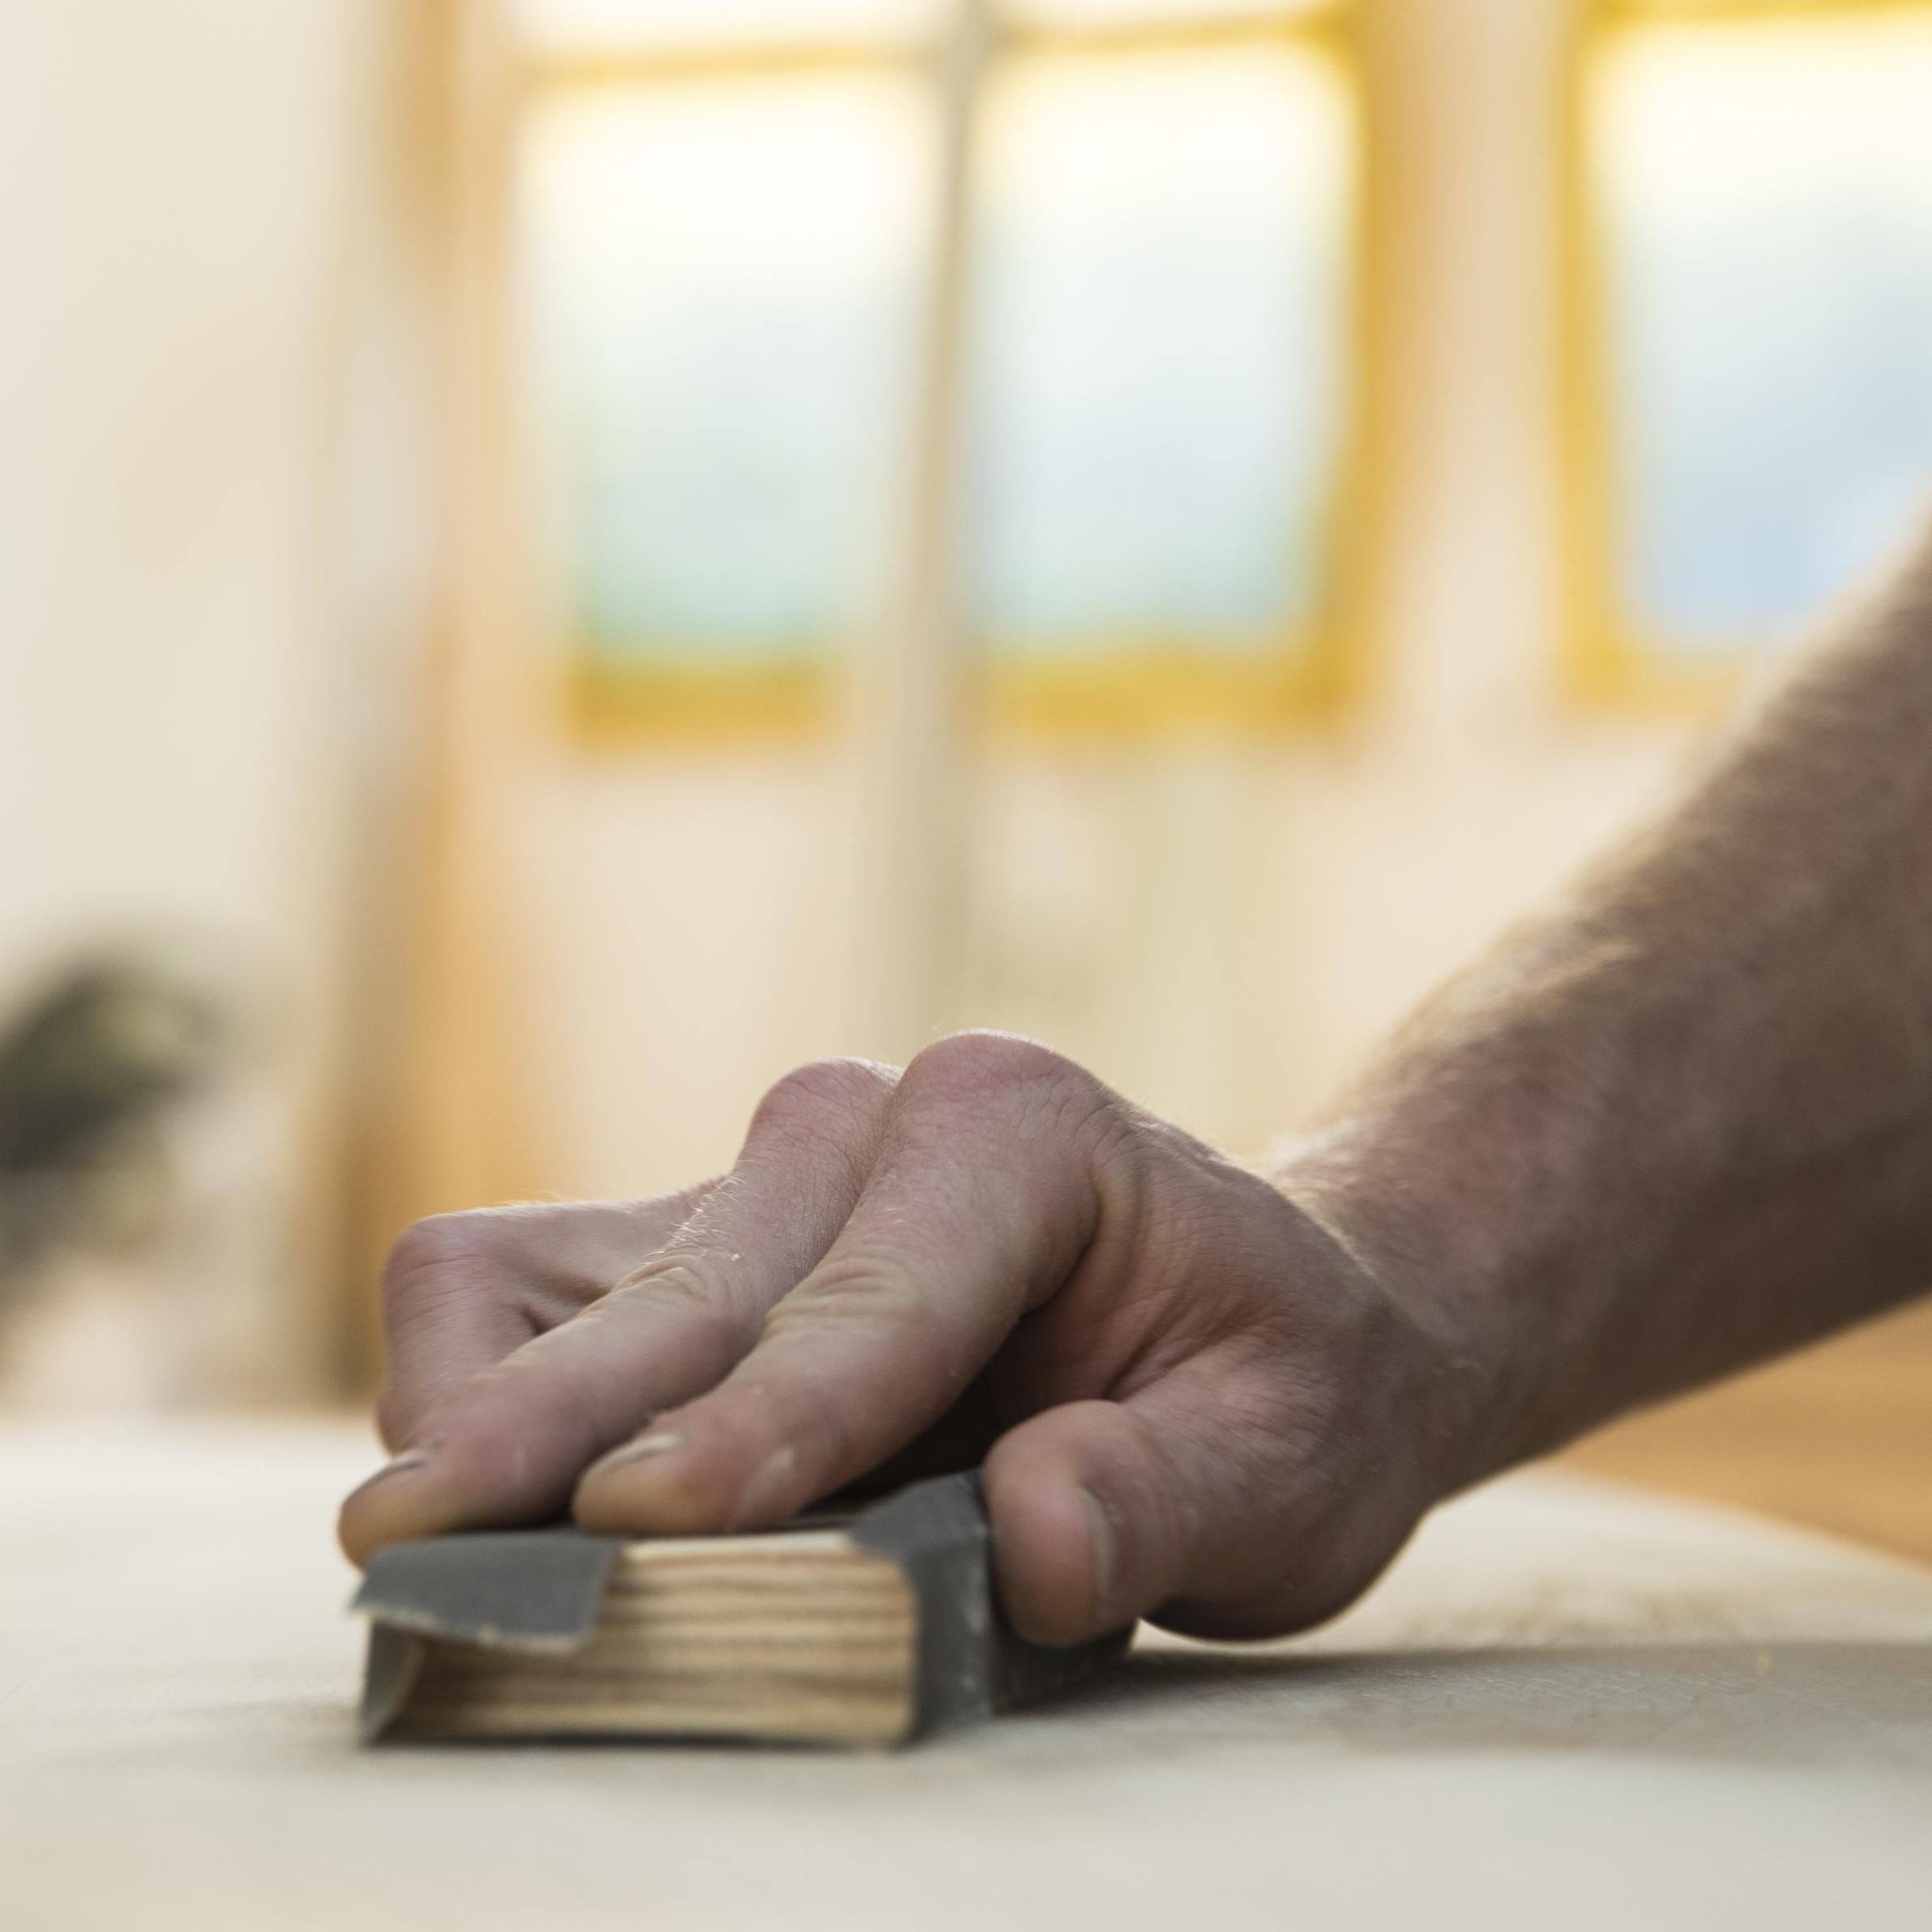 Schritt 2: - Wenn die Oberfläche wieder getrocknet ist, wird das Schleifpapier der Körnung 240 um den mitgelieferten Block geknickt um eine glatte Fläche zu erhalten. Nun die betroffene Stelle leicht anschleifen, dabei darauf achten, dass in Faserrichtung (Wuchsrichtung) des Holzes geschliffen wird.